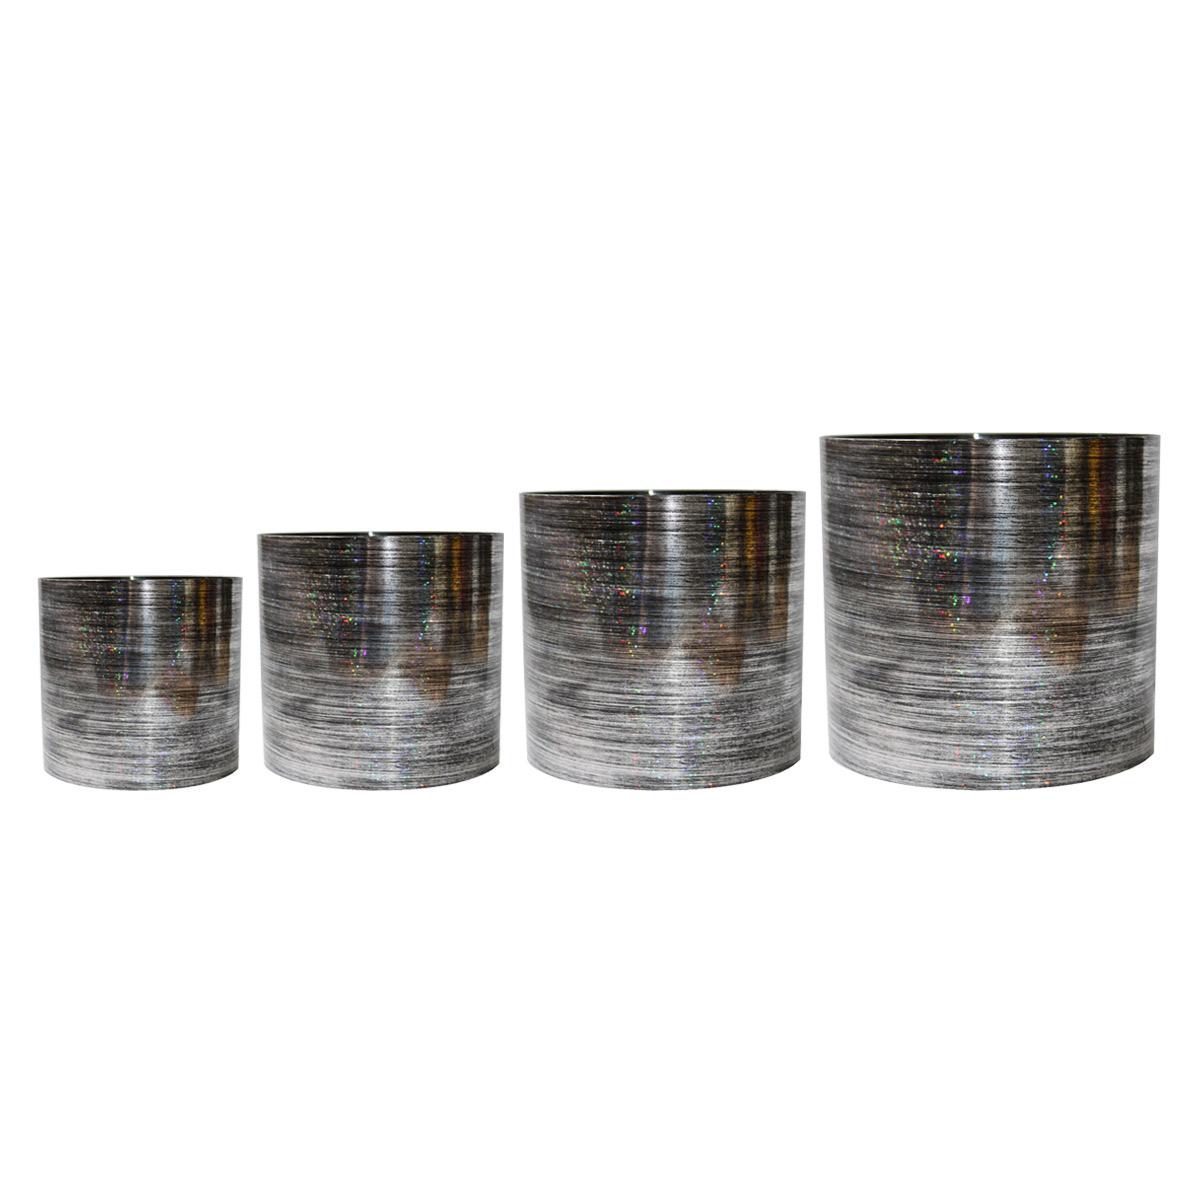 Набор горшков для цветов Miolla Серебро со скрытым поддоном, 4 предметаSMG-SET15Набор горшочков Miolla c 3D рисунком. Хорошо будут смотреться как основа для топиариев и флористических композиций. А так же замечательно для комнатных цветов. Со скрытым поддоном.